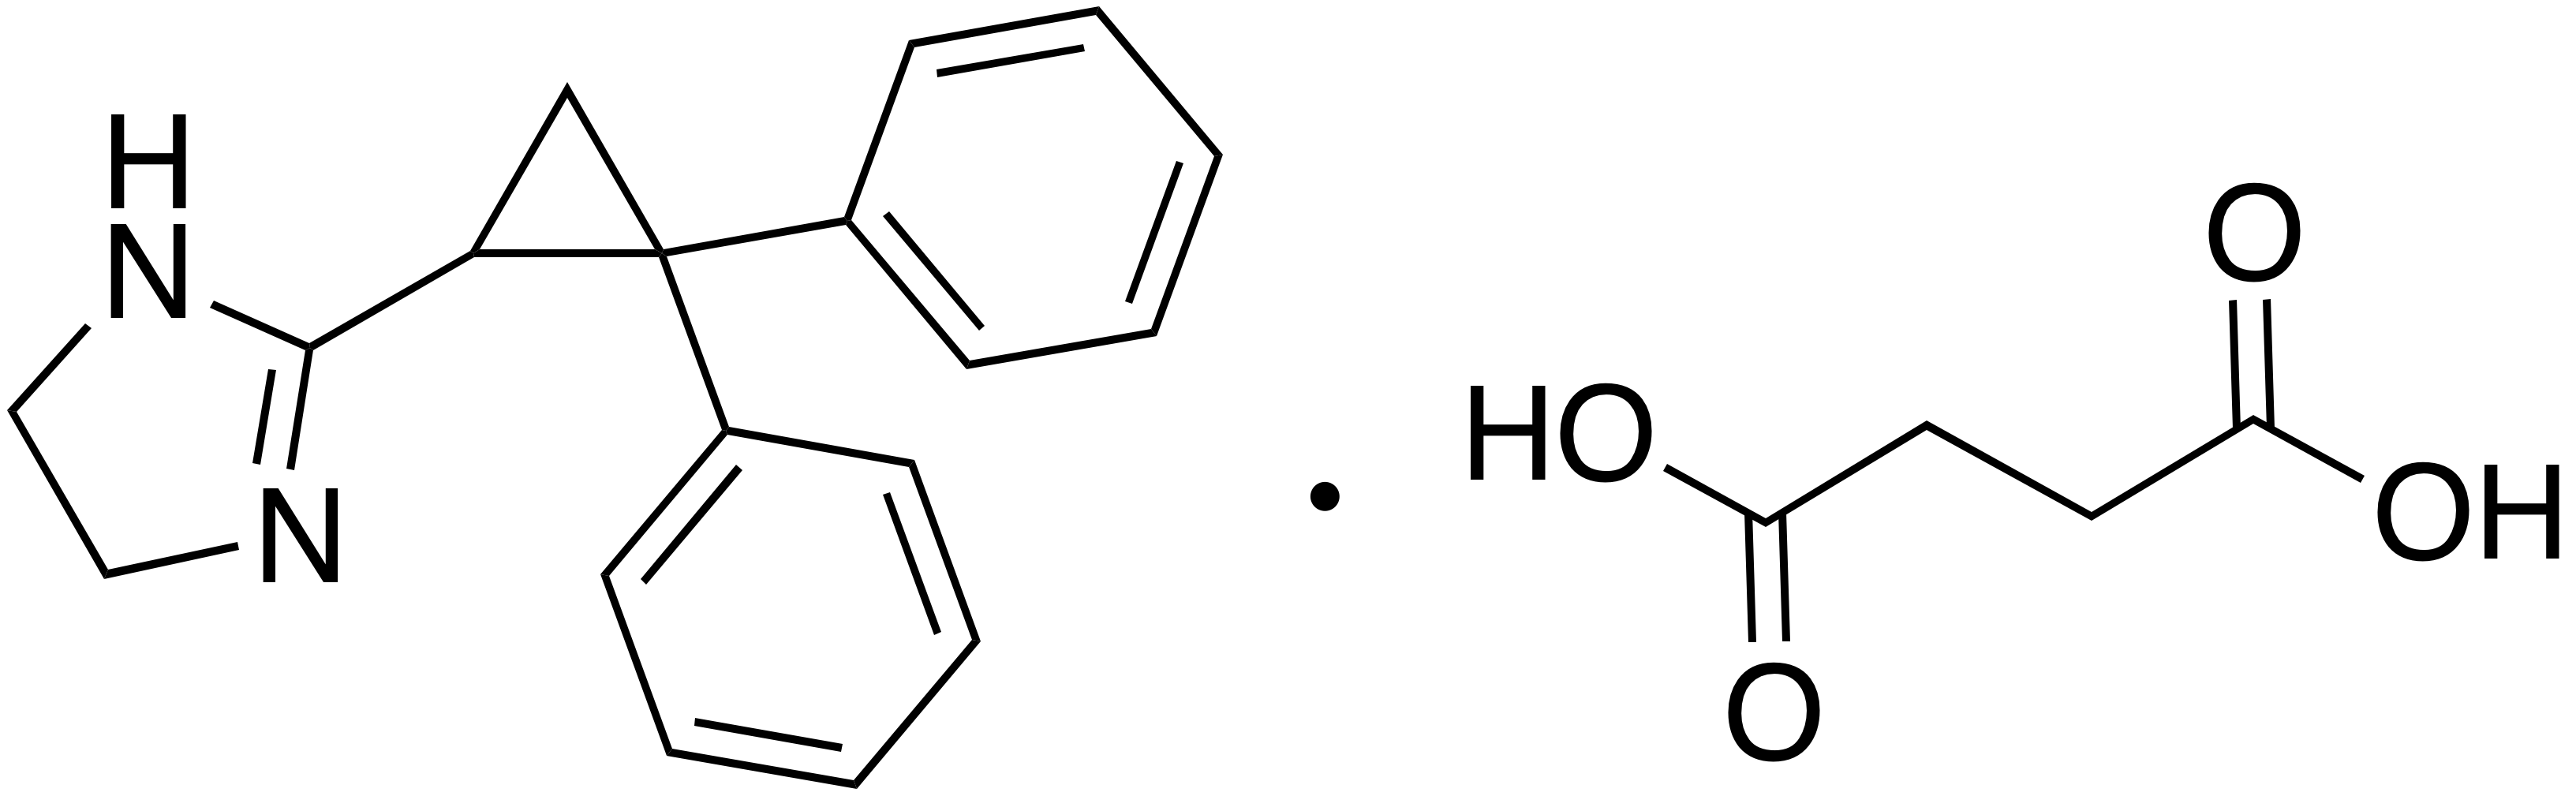 Cibenzoline Succinate